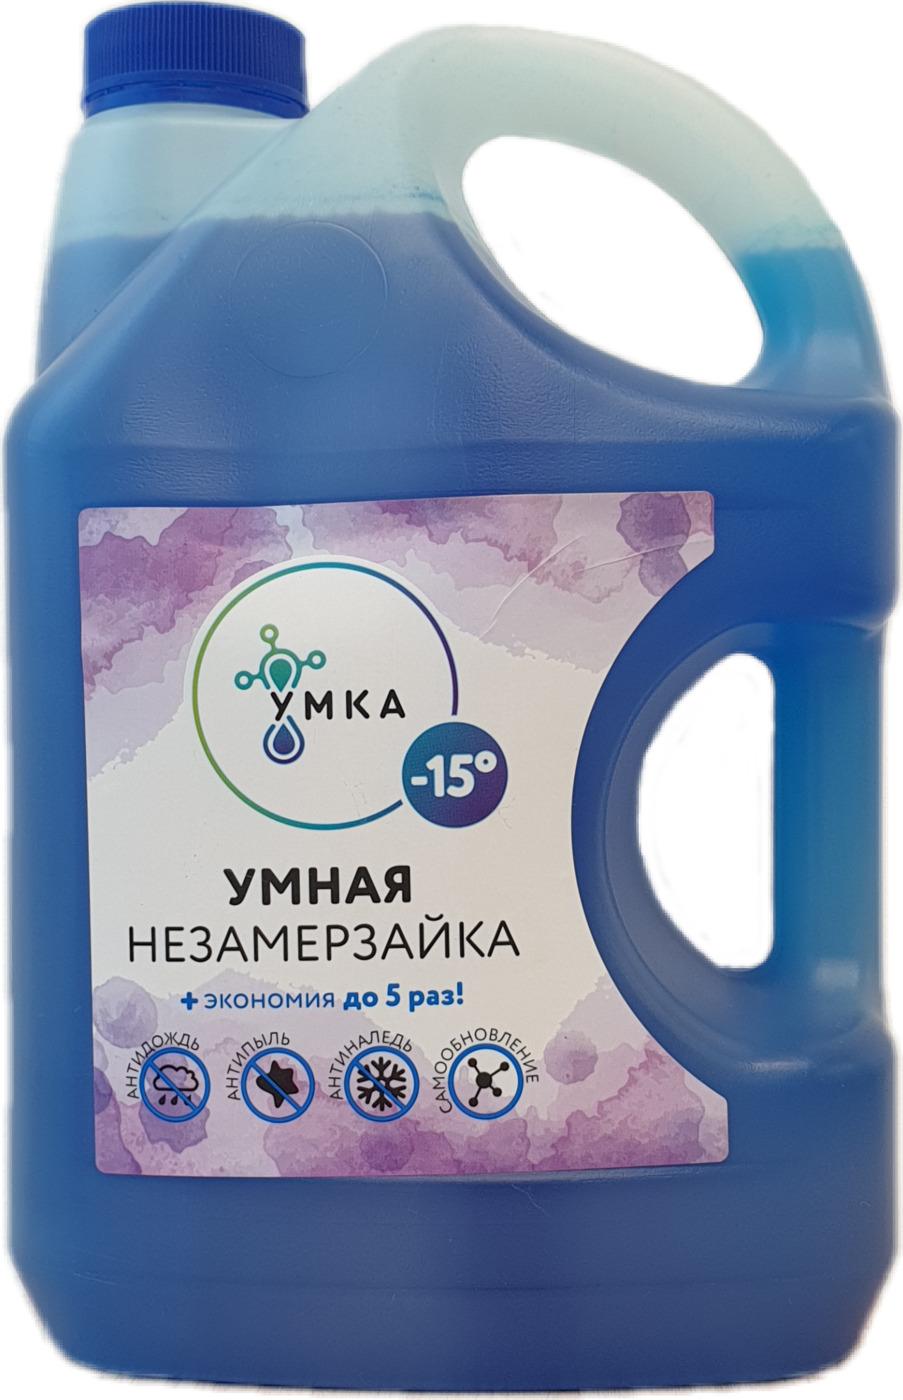 Авто жидкость Умная незамерзайка -15* 3л (антидождь)